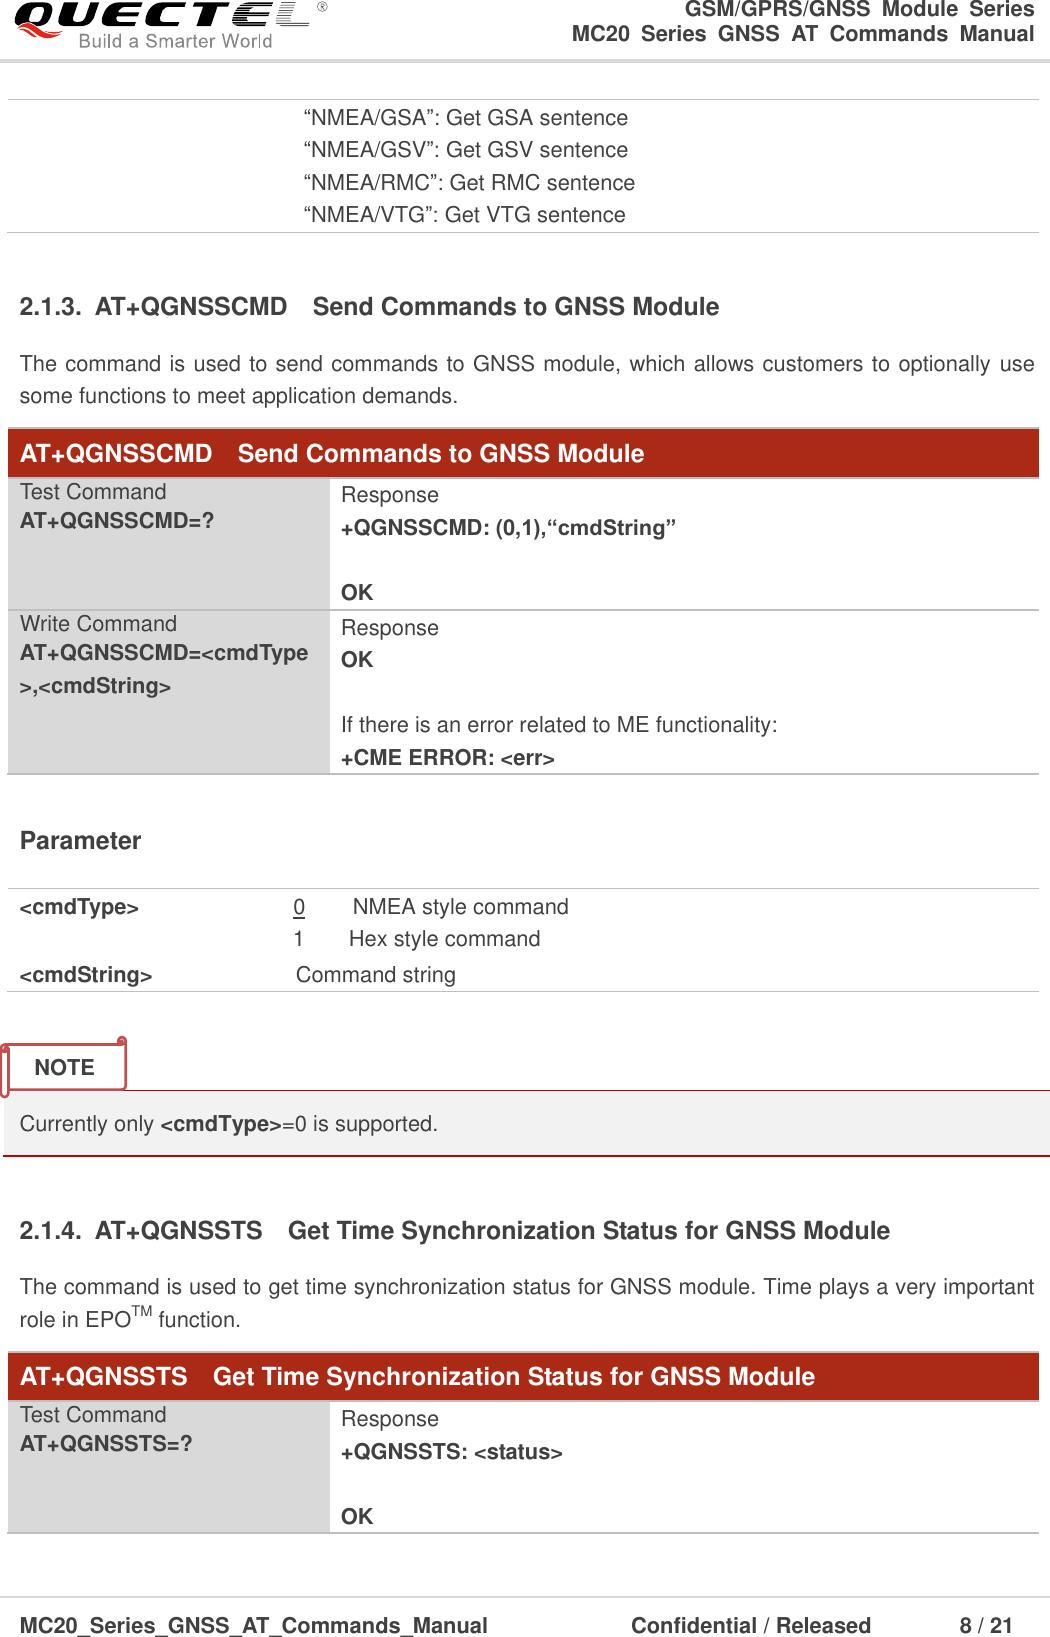 Quectel MC20 Series GNSS AT Commands Manual V1 3